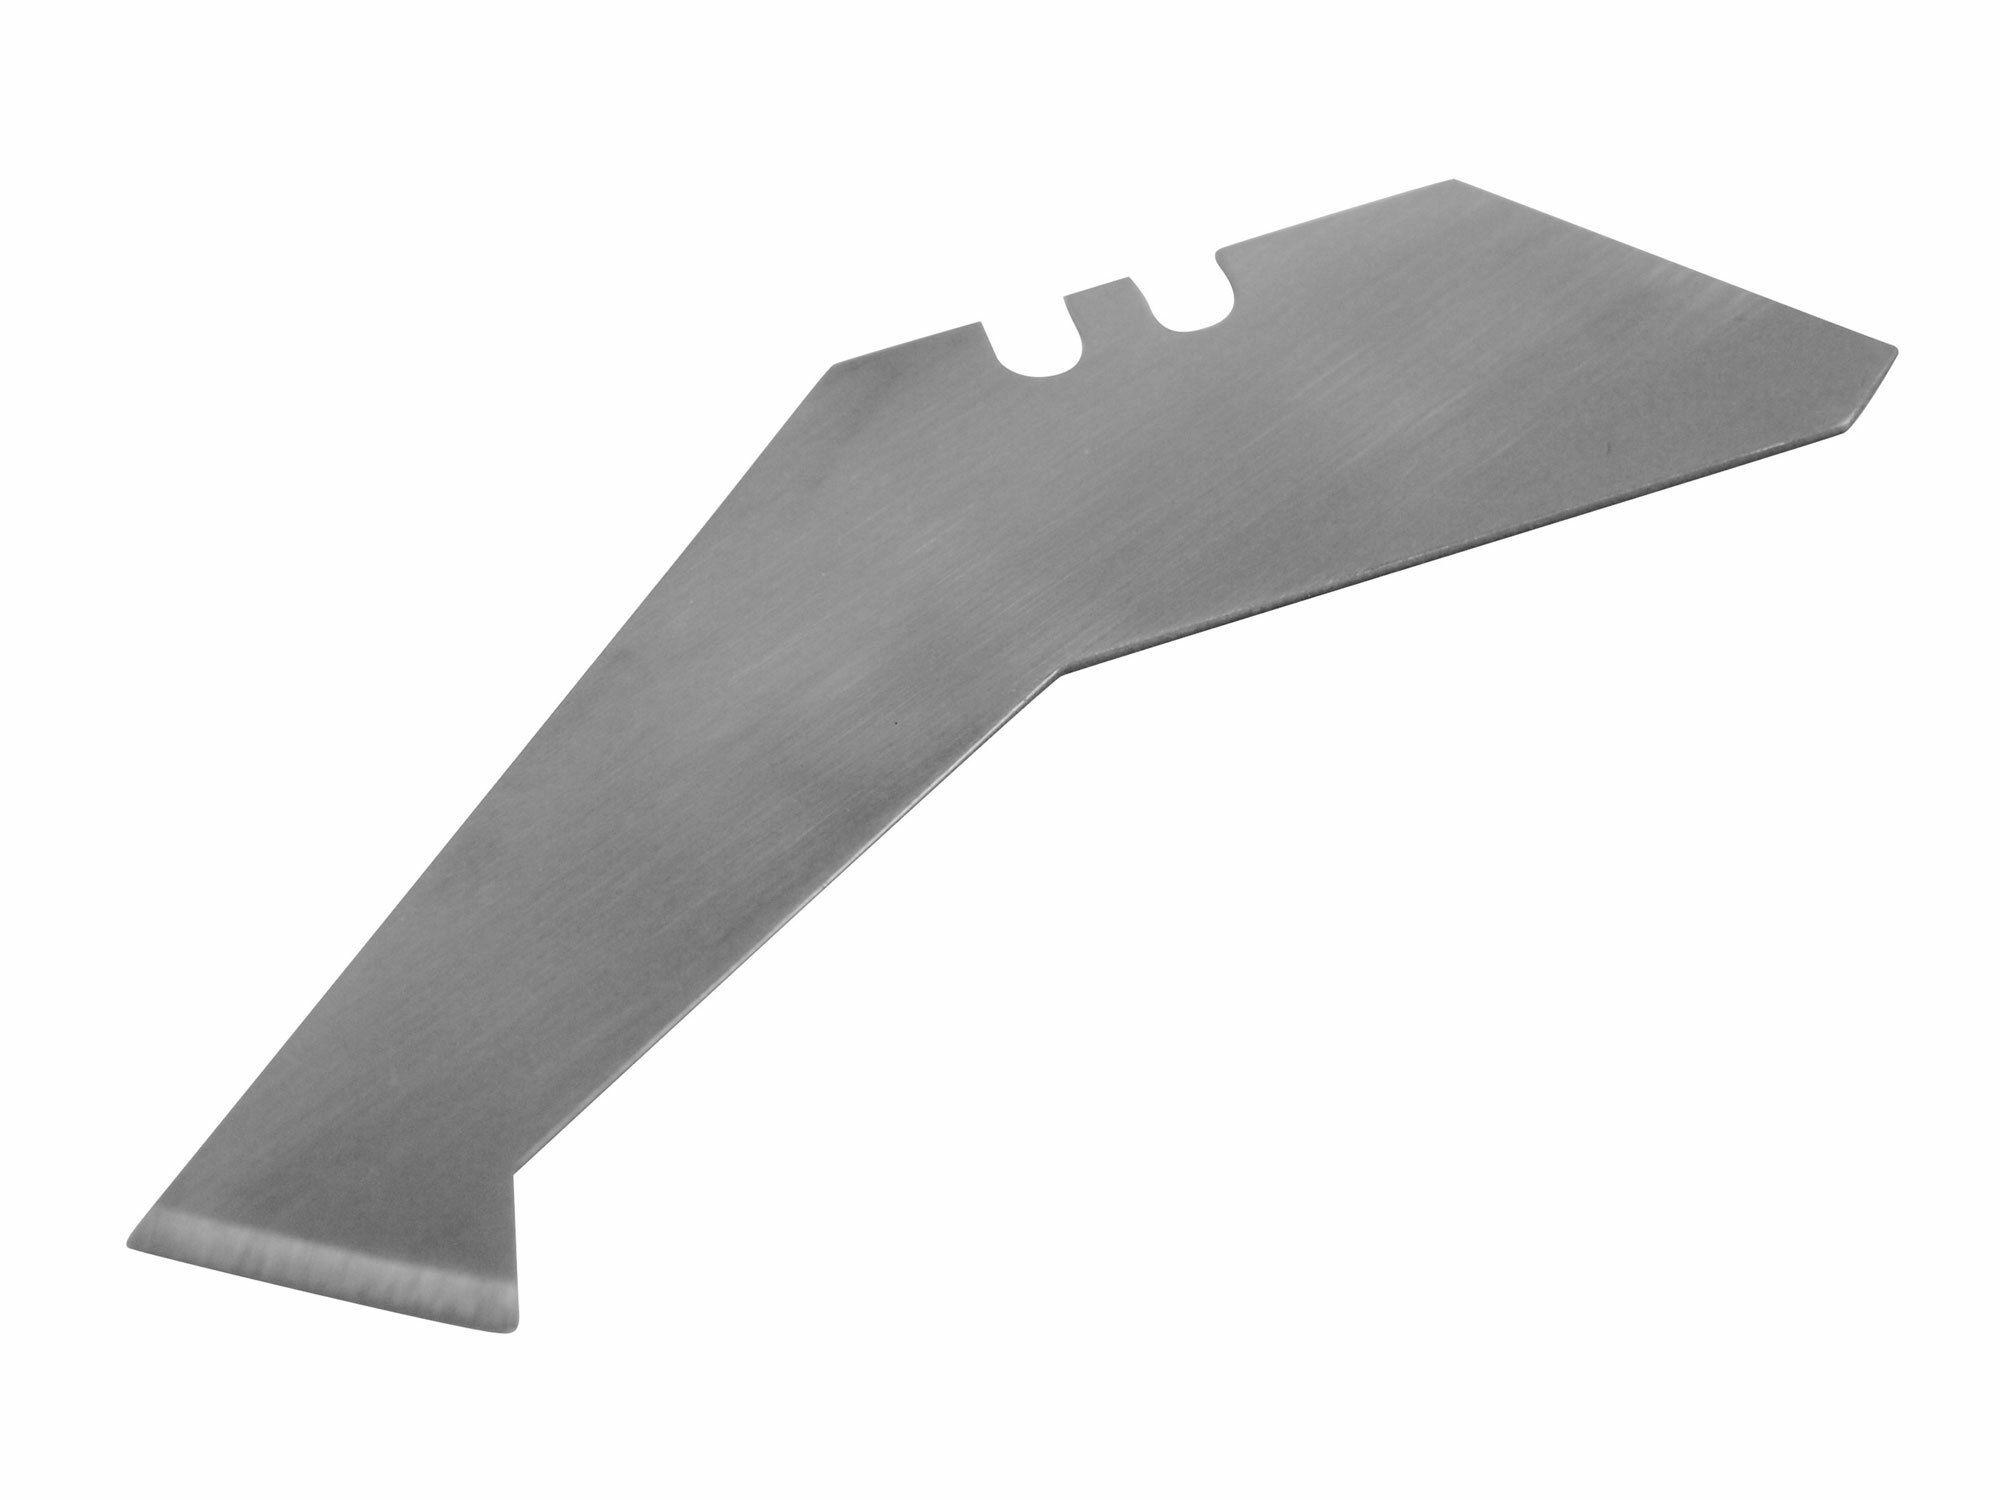 Břity do nože L profil, 18mm, 5ks, pro nože 745107, 8855000, 8855005, 8855020 EXTOL-CRAFT